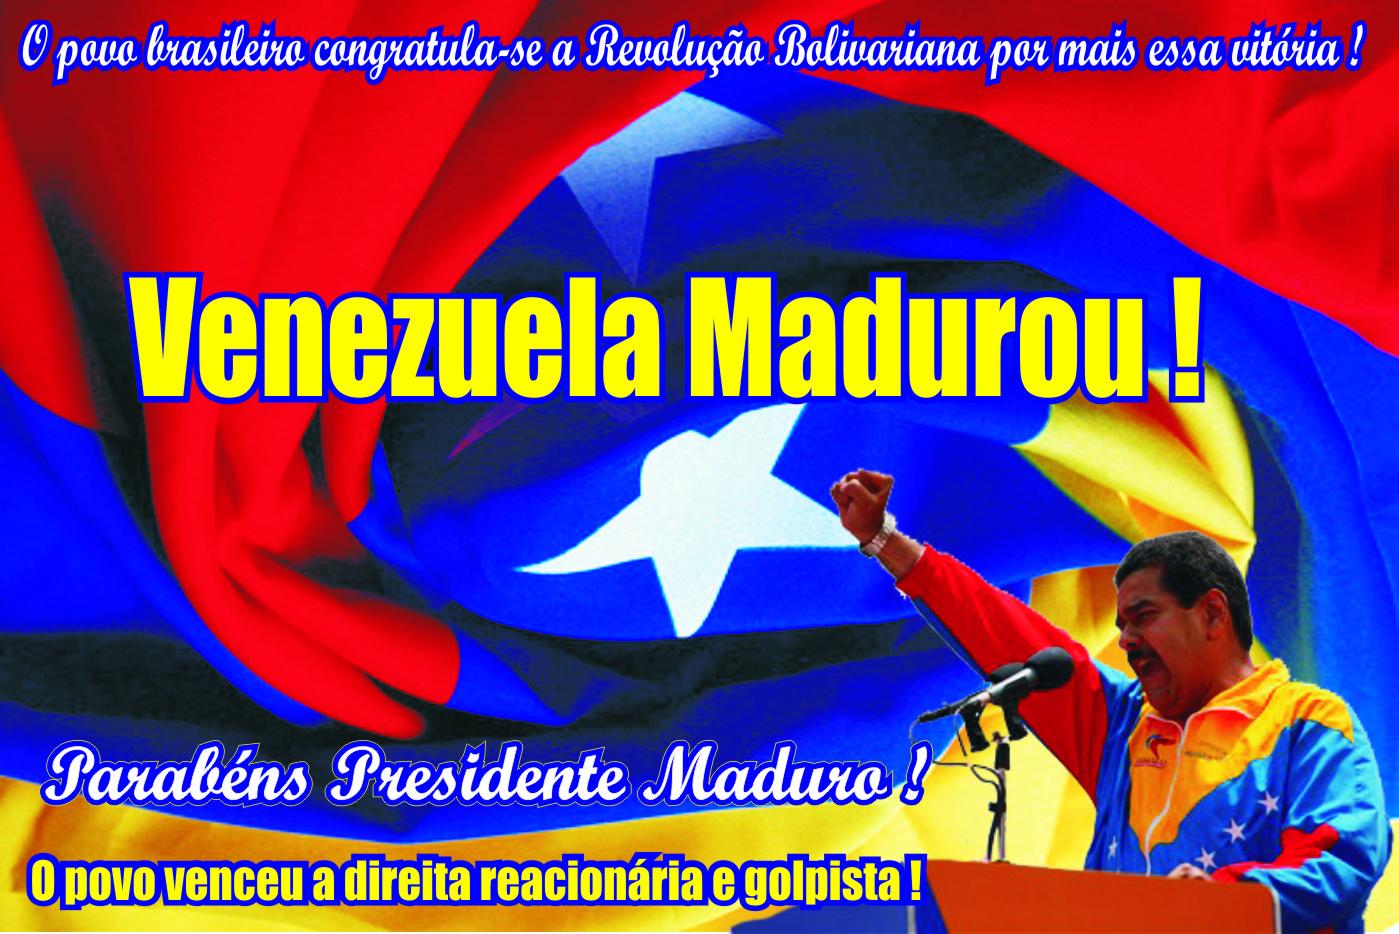 http://ajusticeiradeesquerda.blogspot.com/